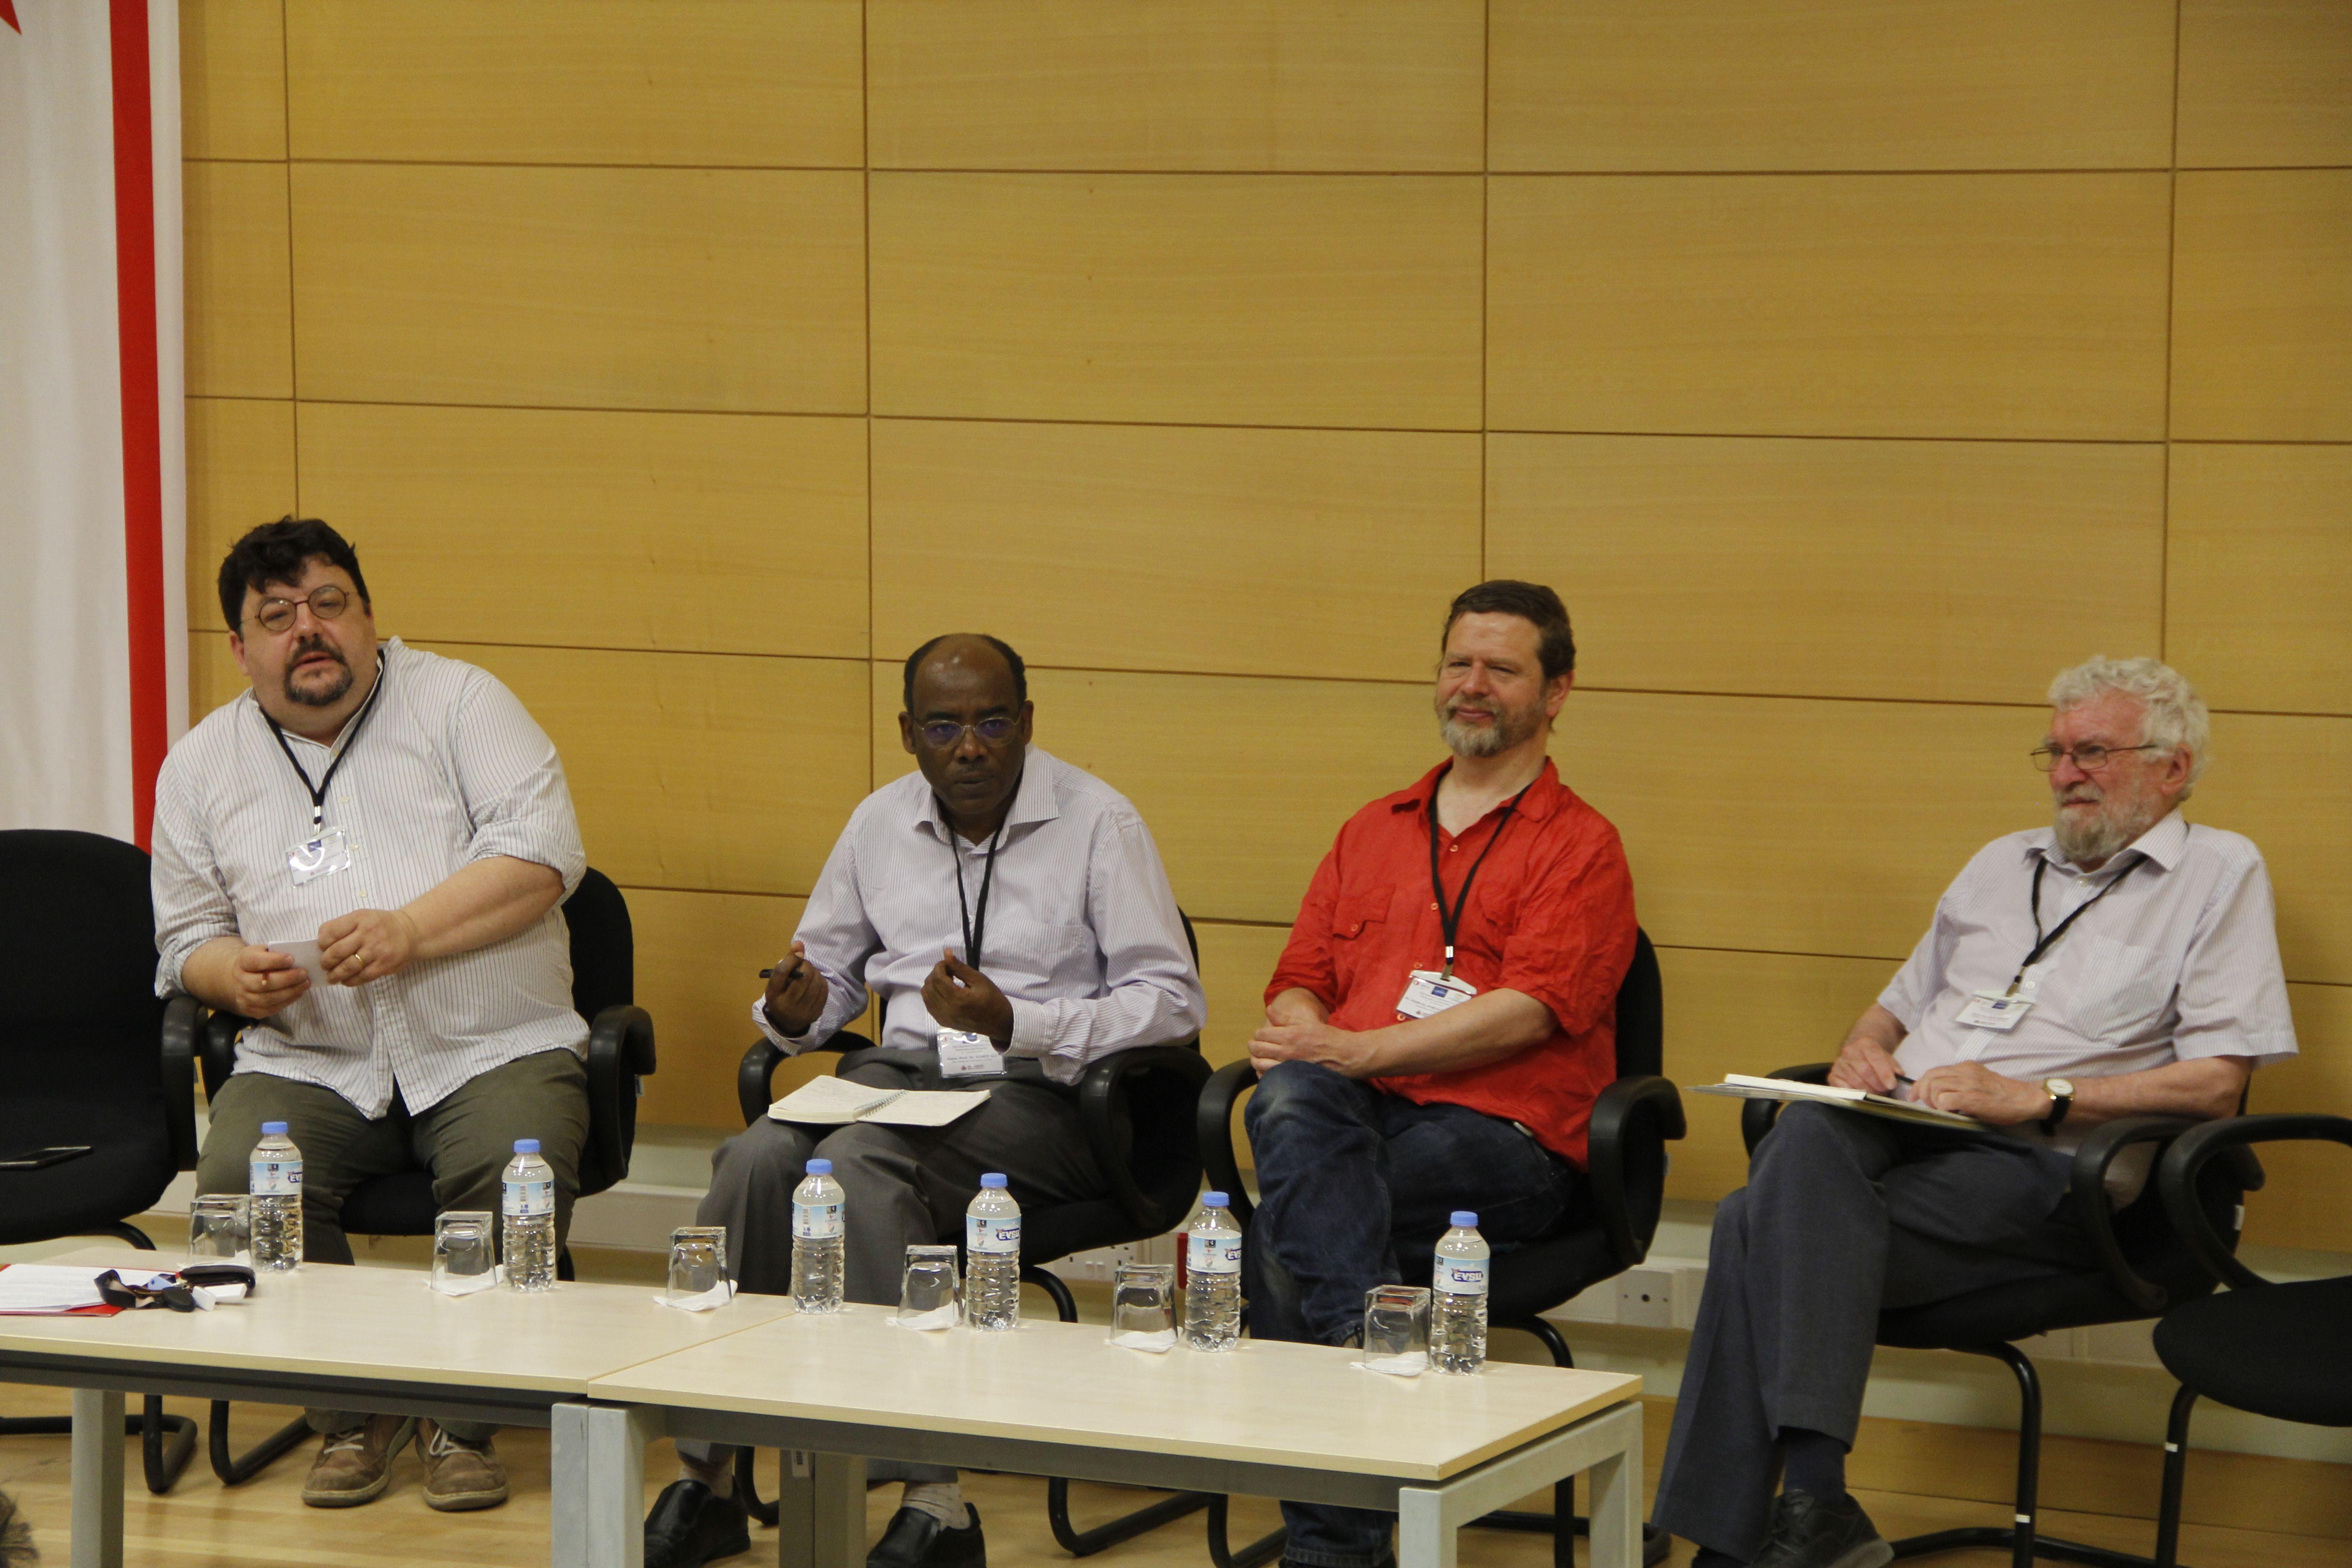 Международная конференция по экономике и безопасности прошла в ТРСК